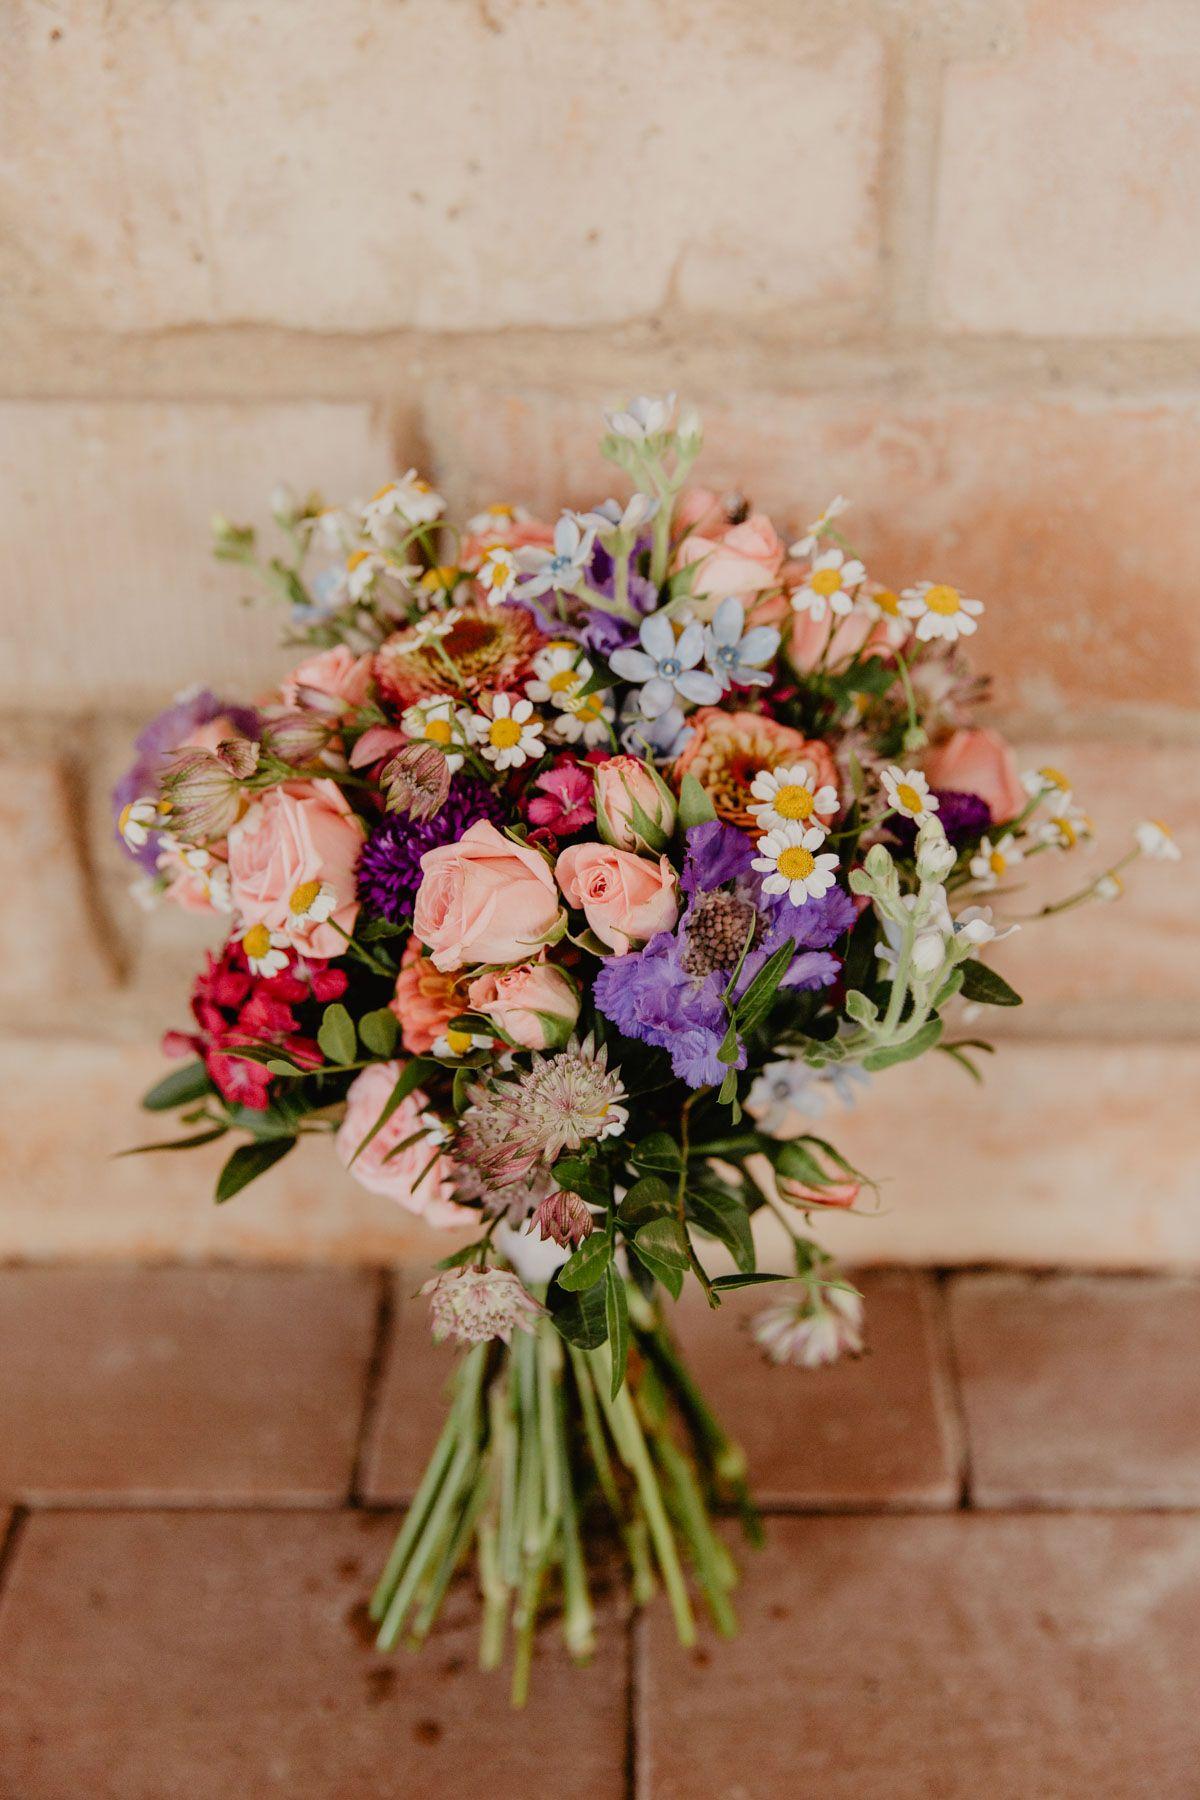 sommer hochzeitsstrau wiesenblumen wedding bouquet. Black Bedroom Furniture Sets. Home Design Ideas